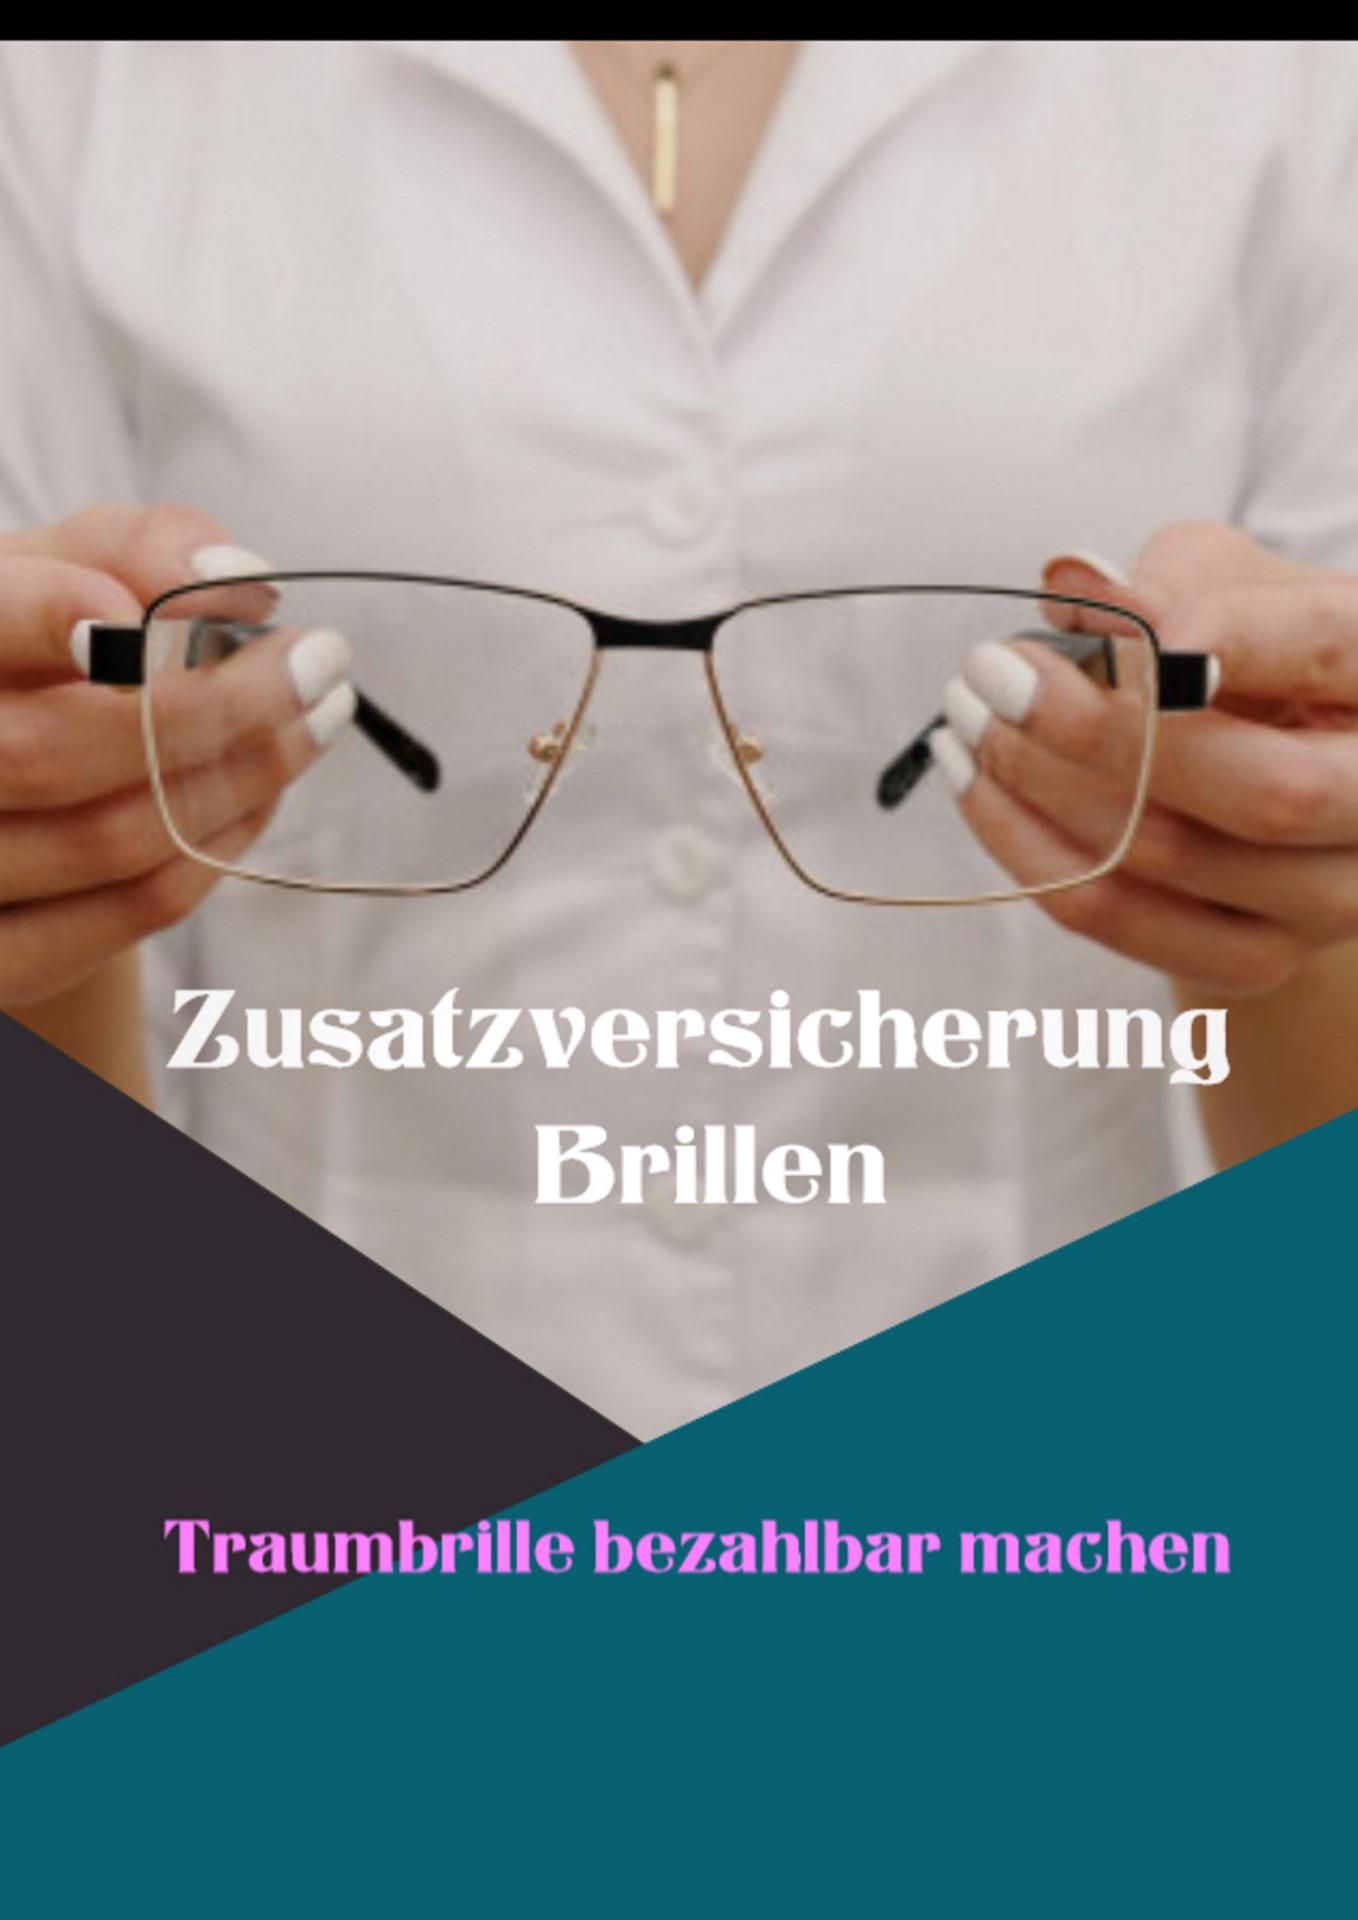 brillenversicherung scaled